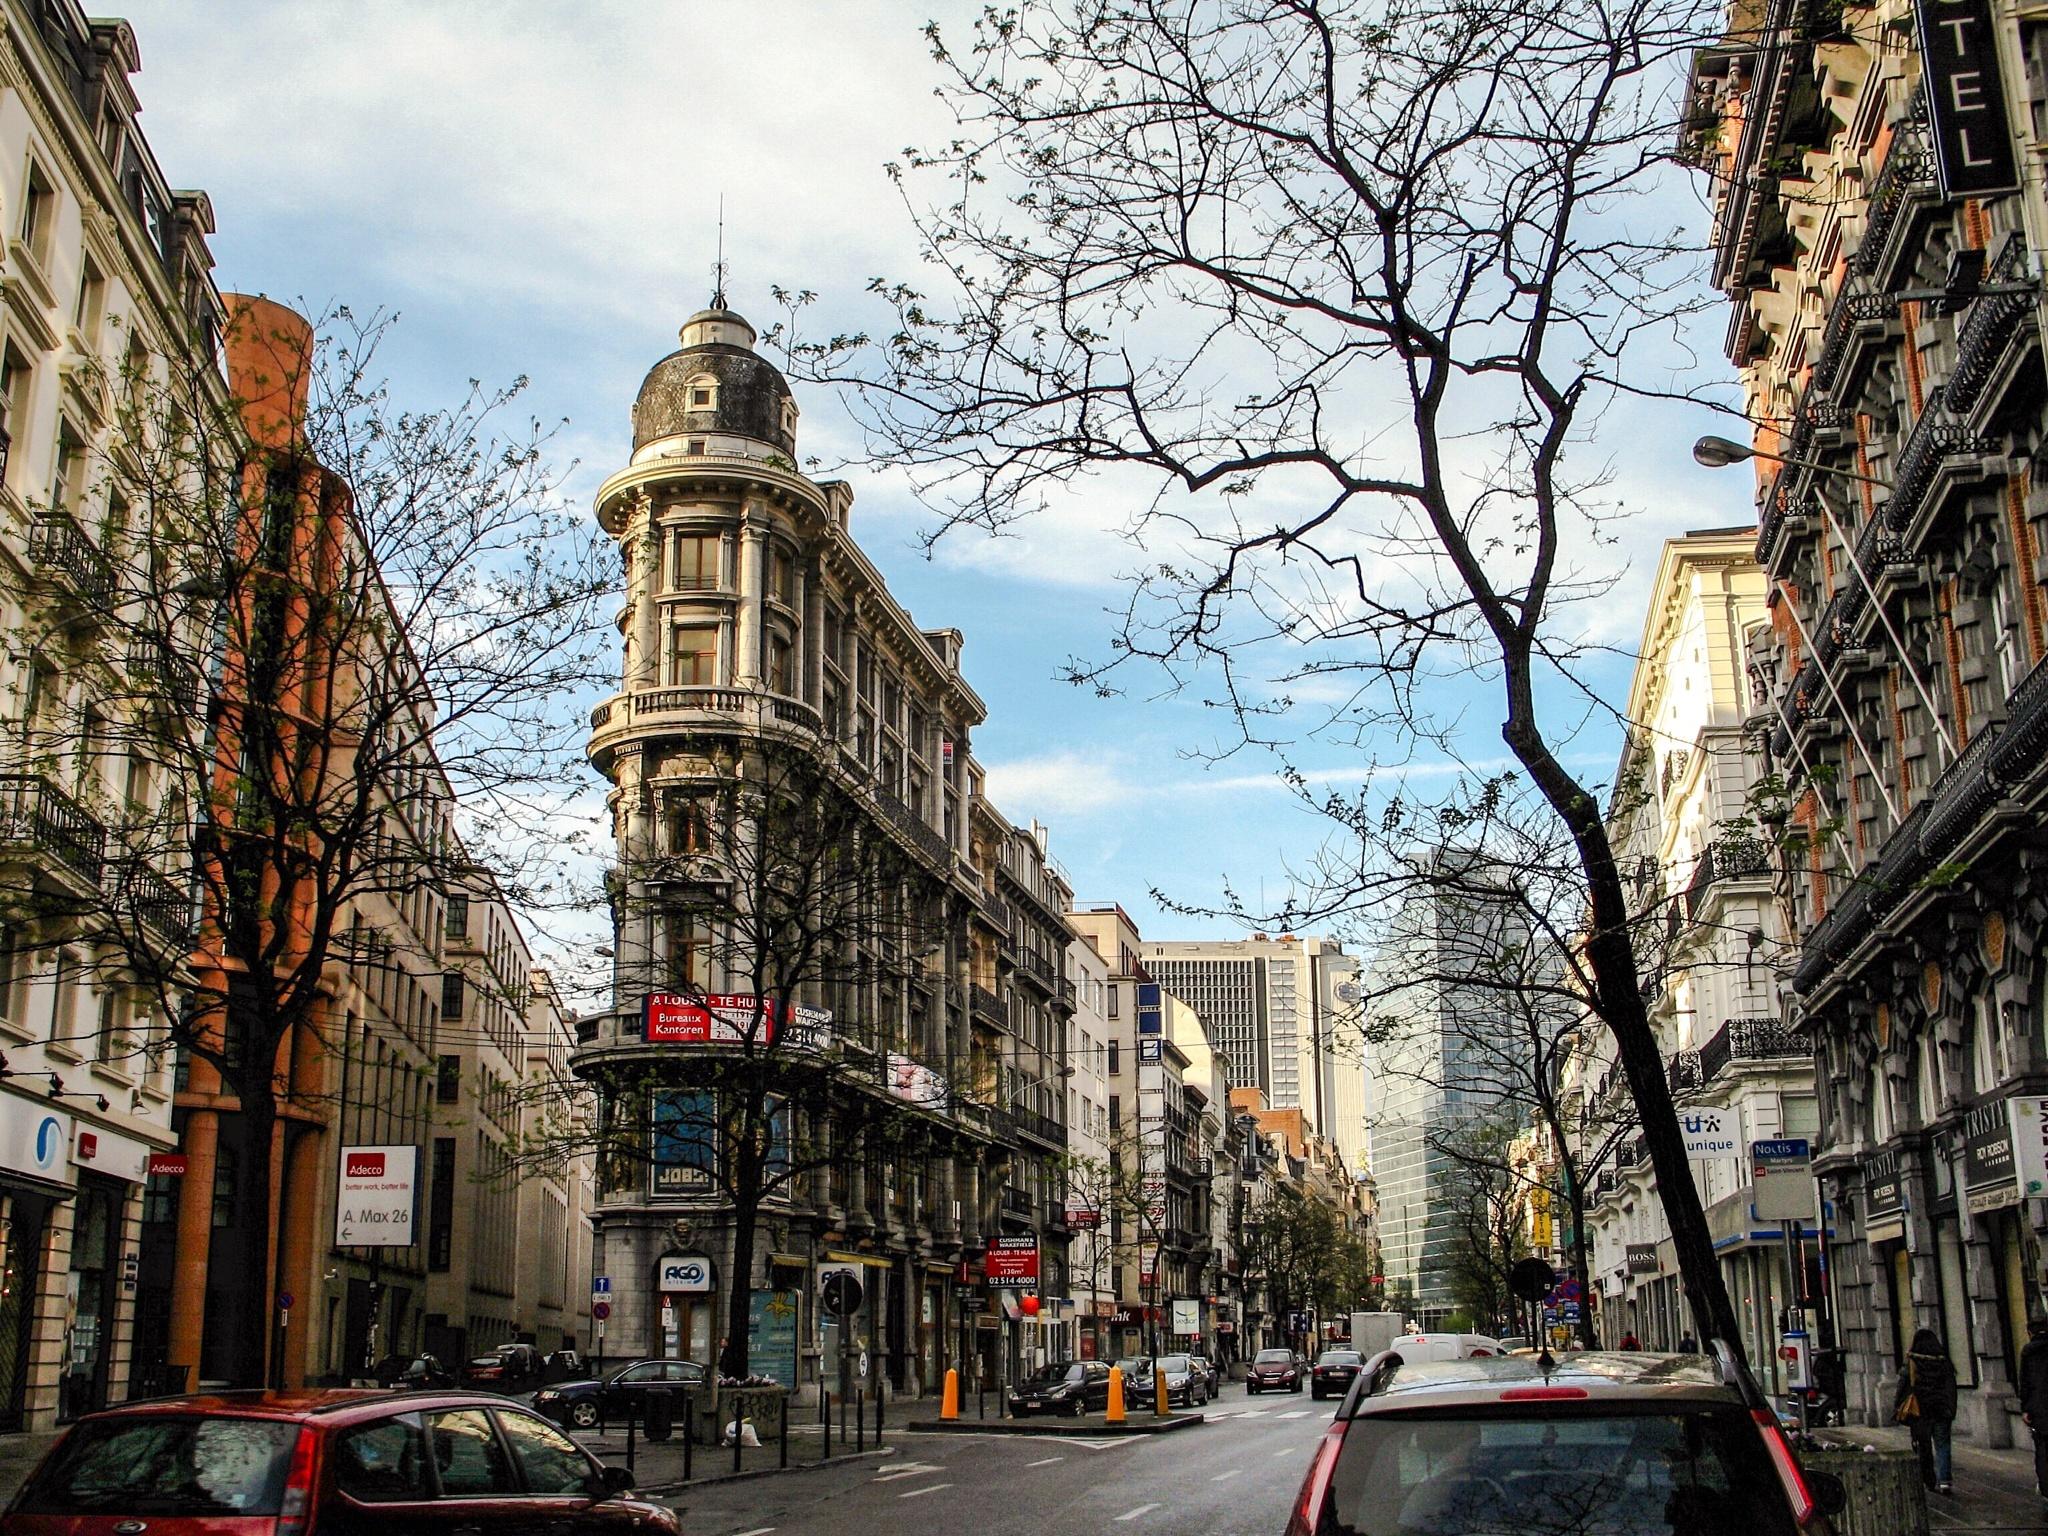 Bruxelles cityscape  by Adi Gli